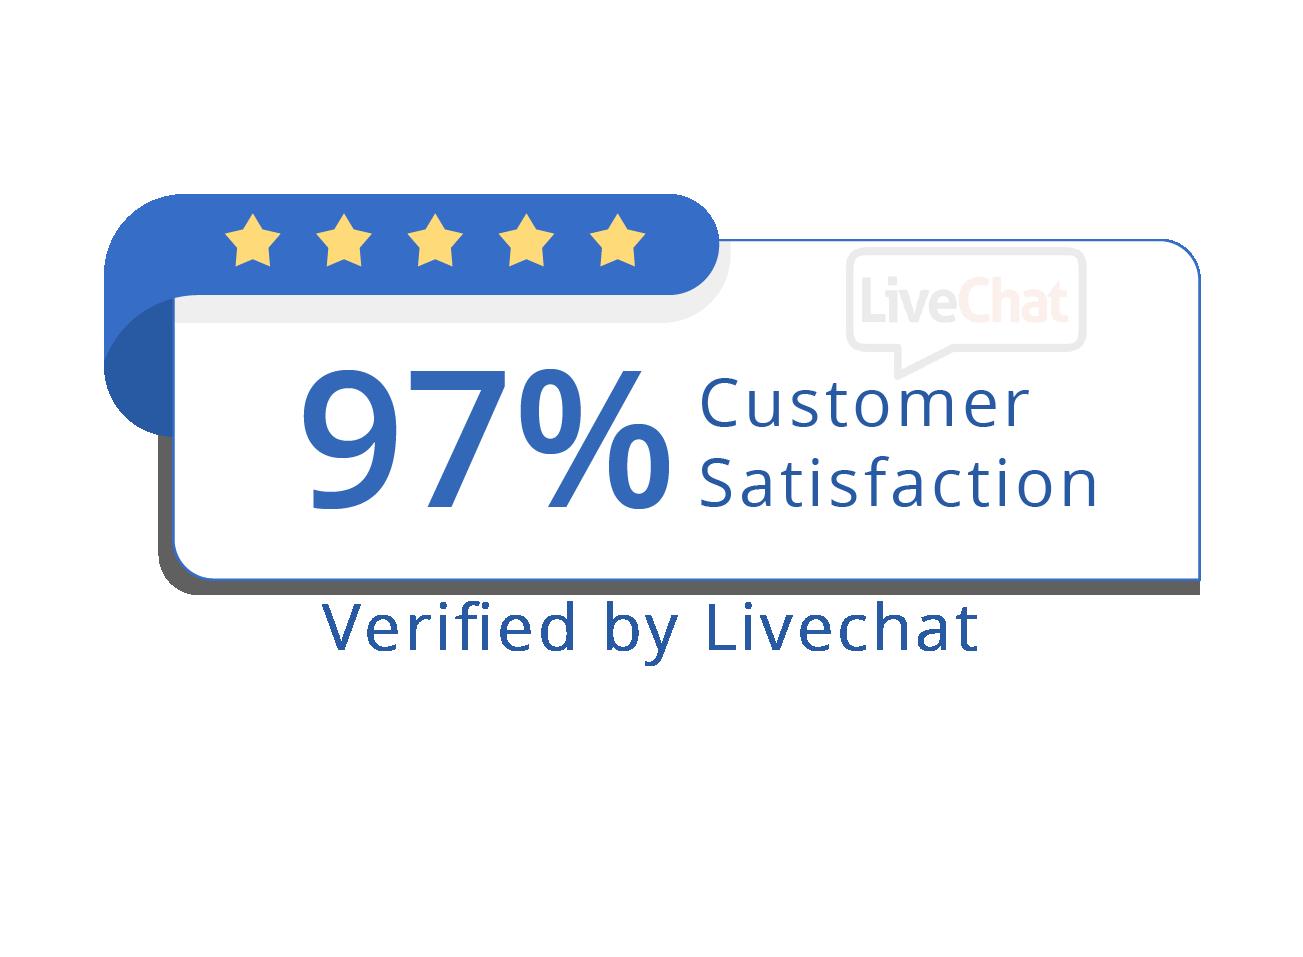 6Storageclient satisfaction